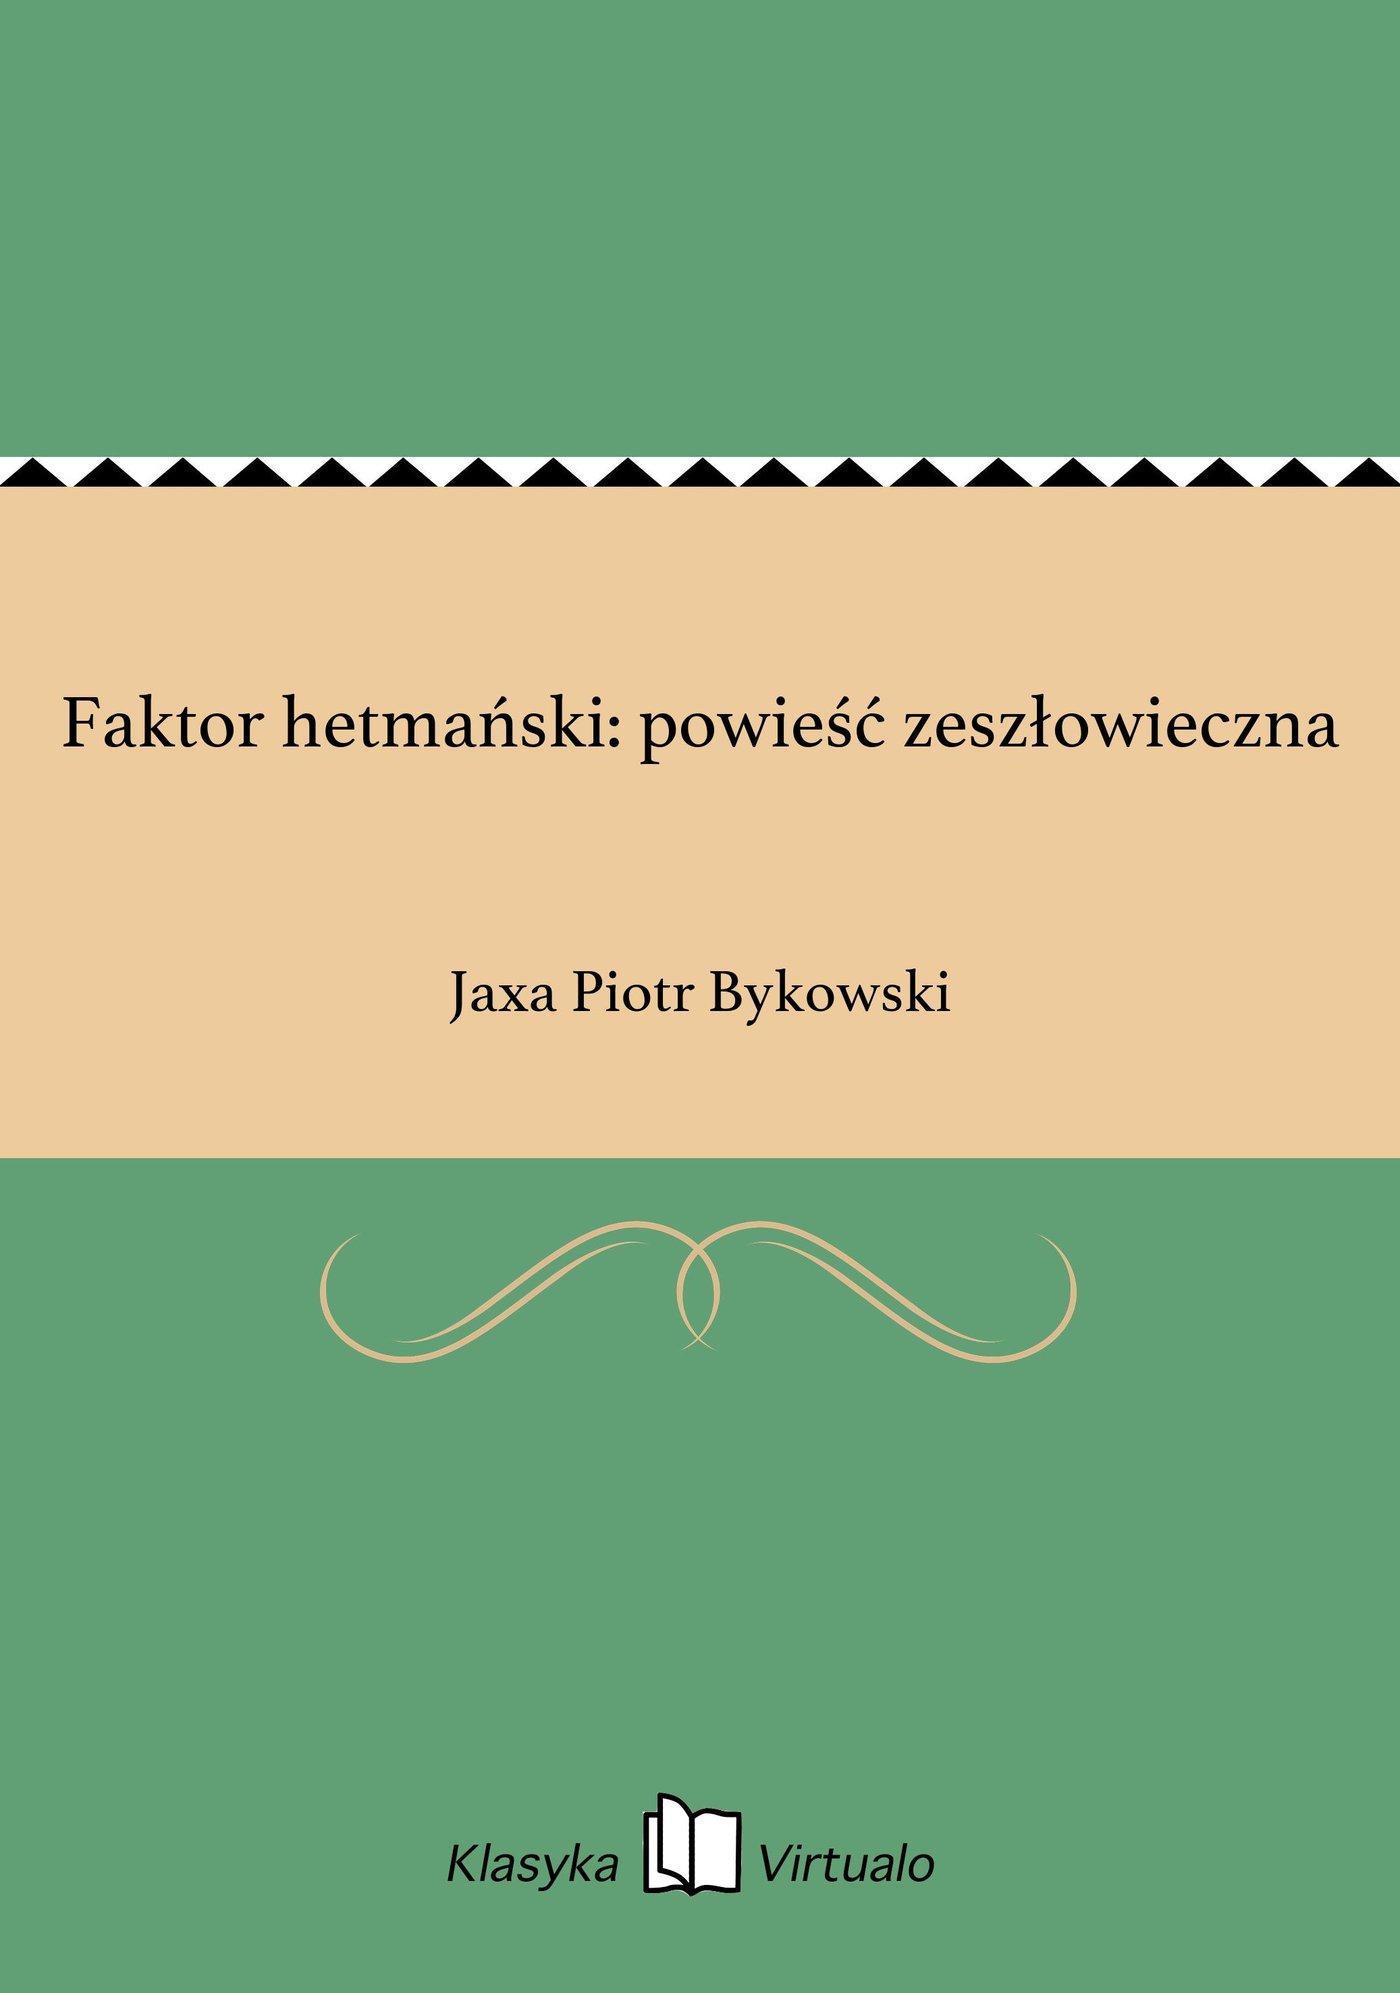 Faktor hetmański: powieść zeszłowieczna - Ebook (Książka EPUB) do pobrania w formacie EPUB